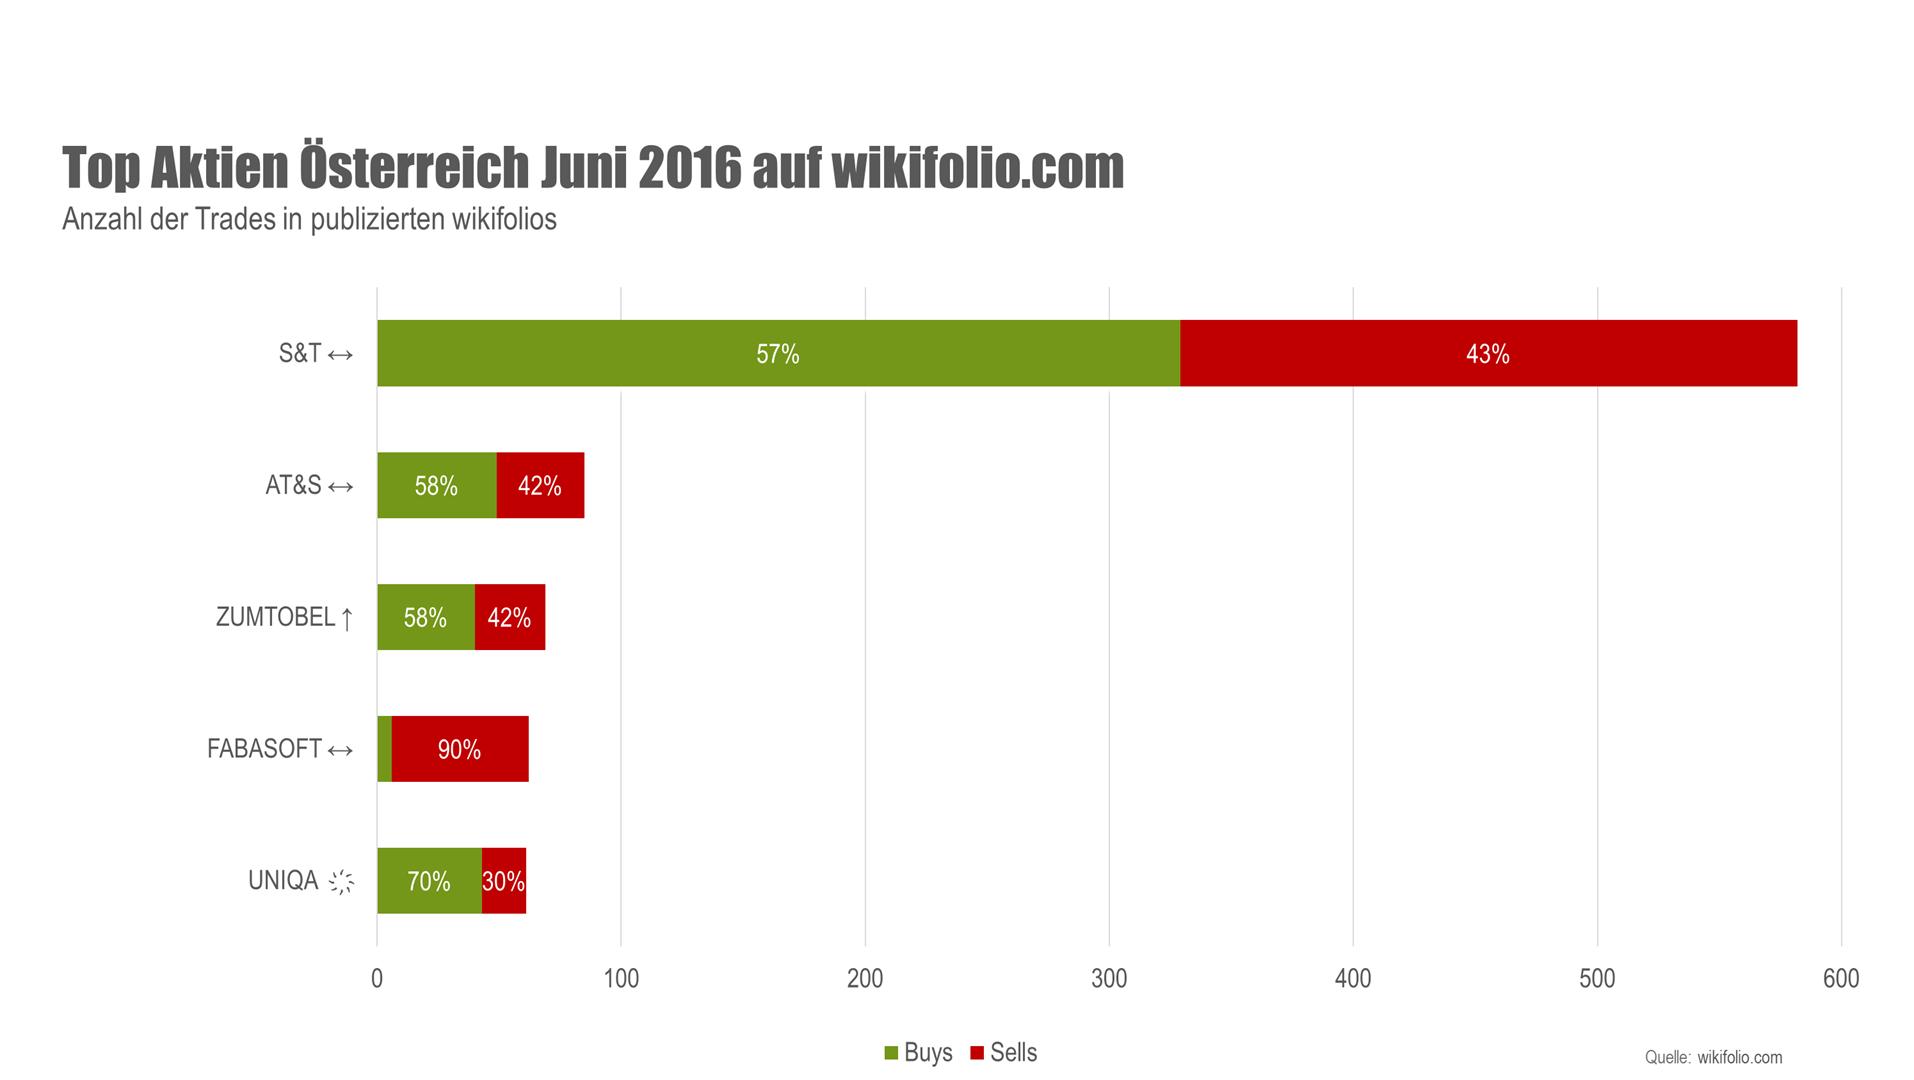 Grafik Top Aktien Österreich Juni